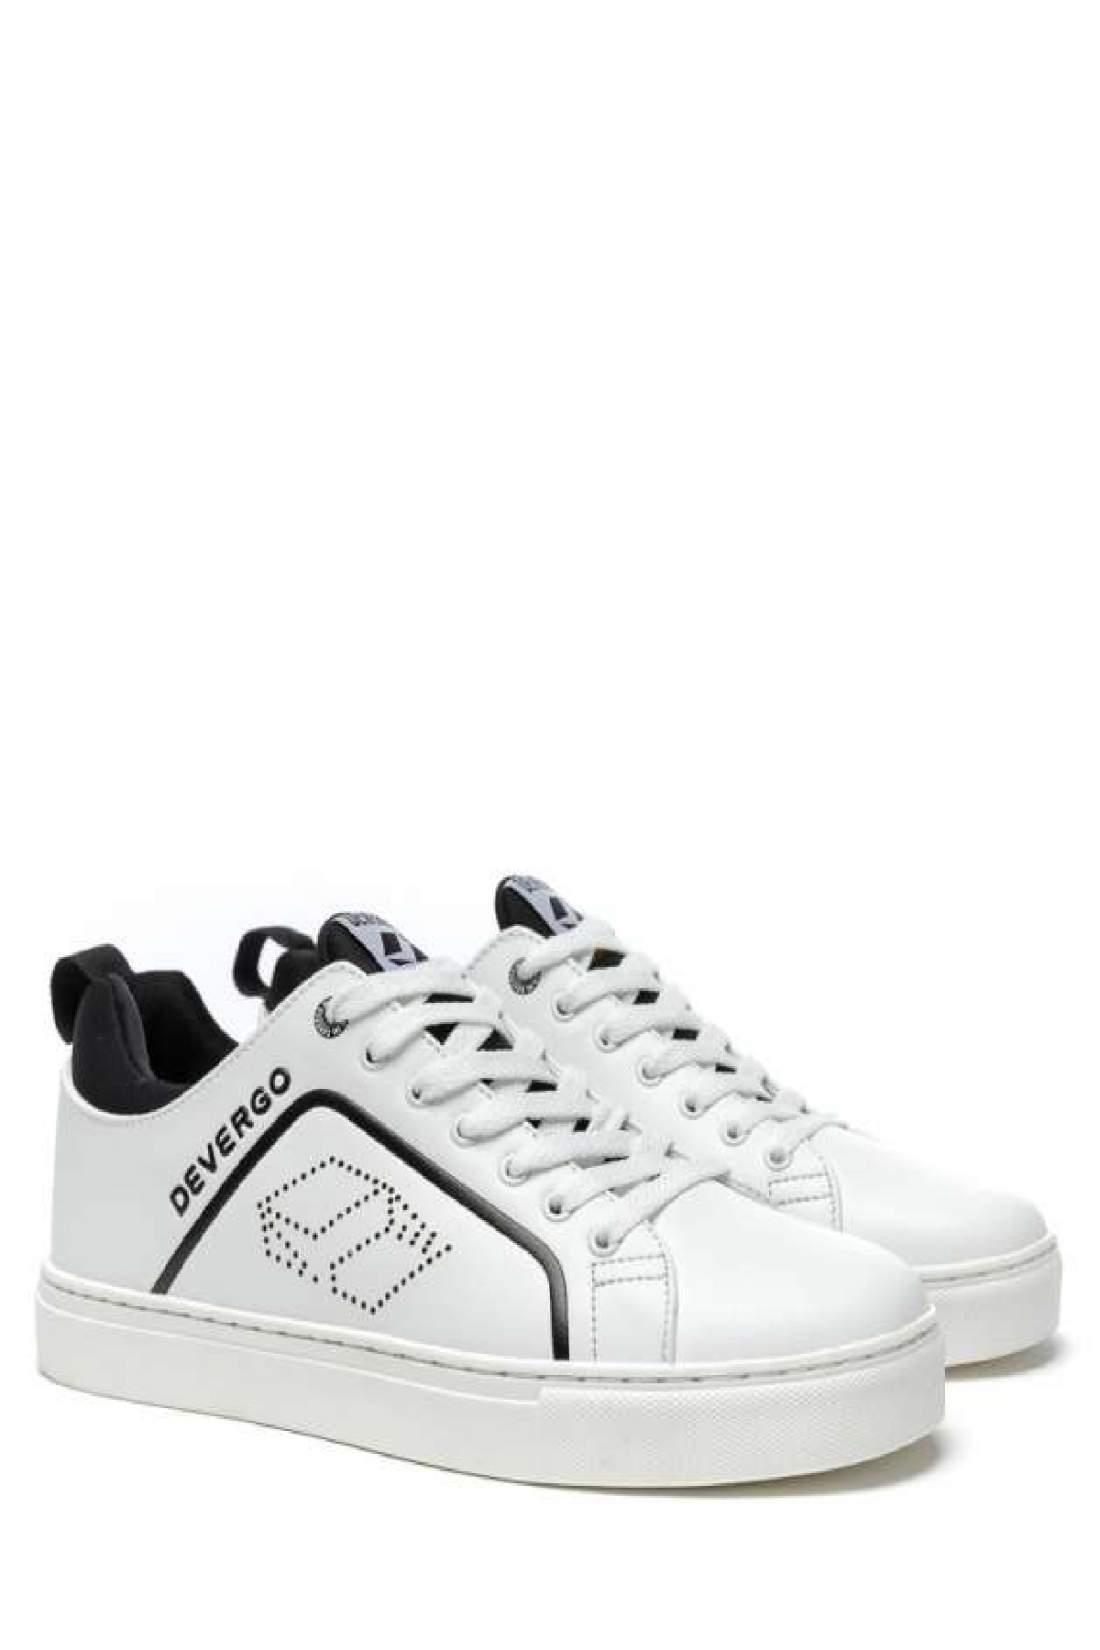 Devergo HELIOS férfi cipő WHT